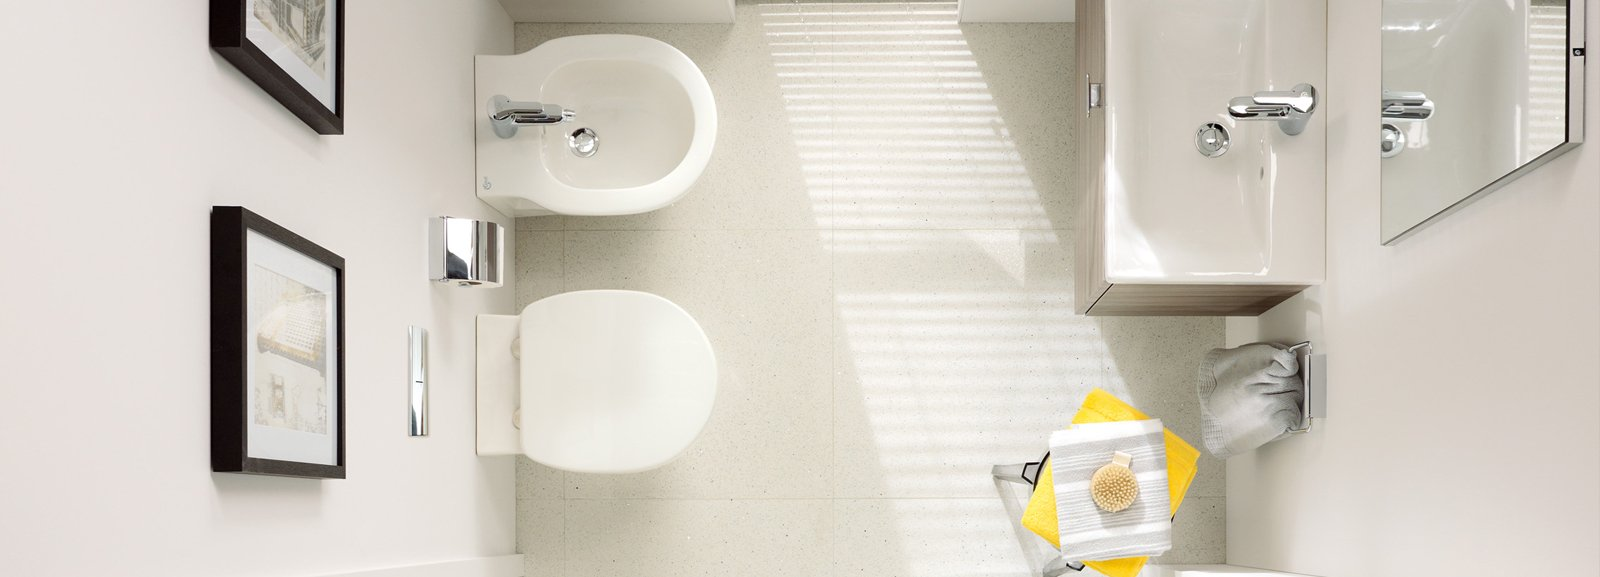 Bagno piccolo soluzioni piccole cose di casa - Misure standard bagno ...